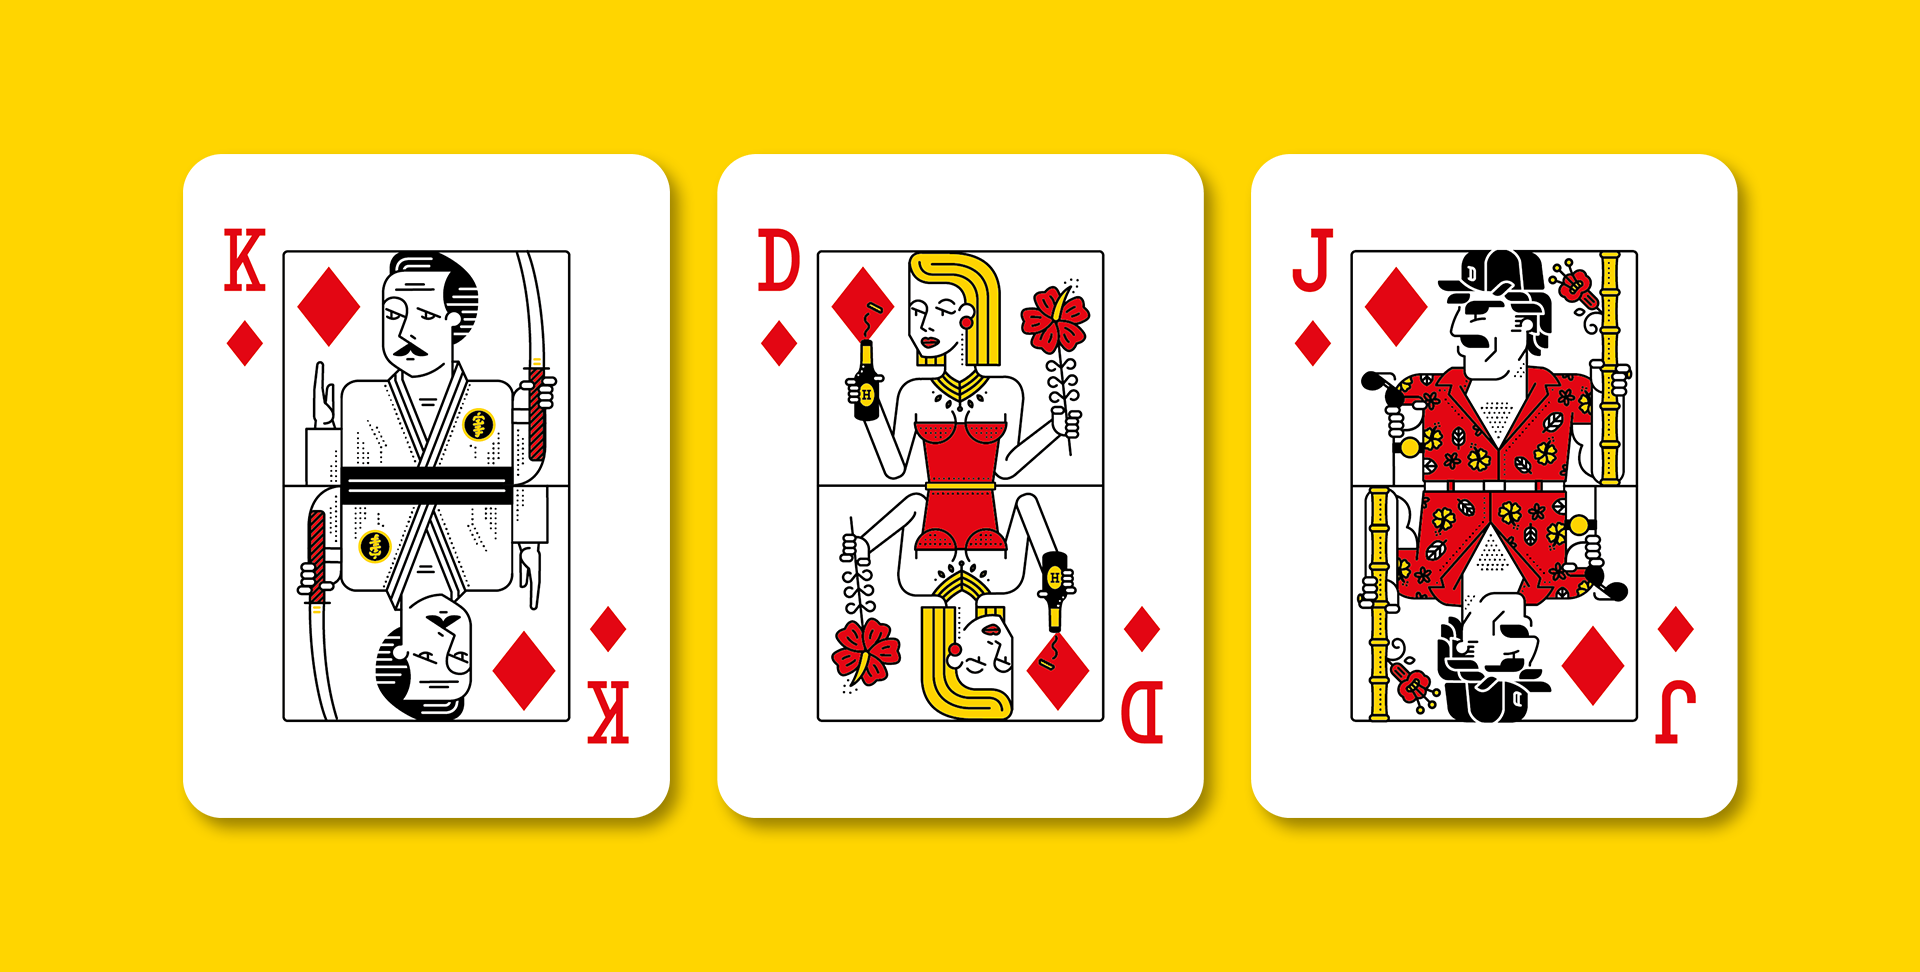 191128_higgins-cards_slide_01